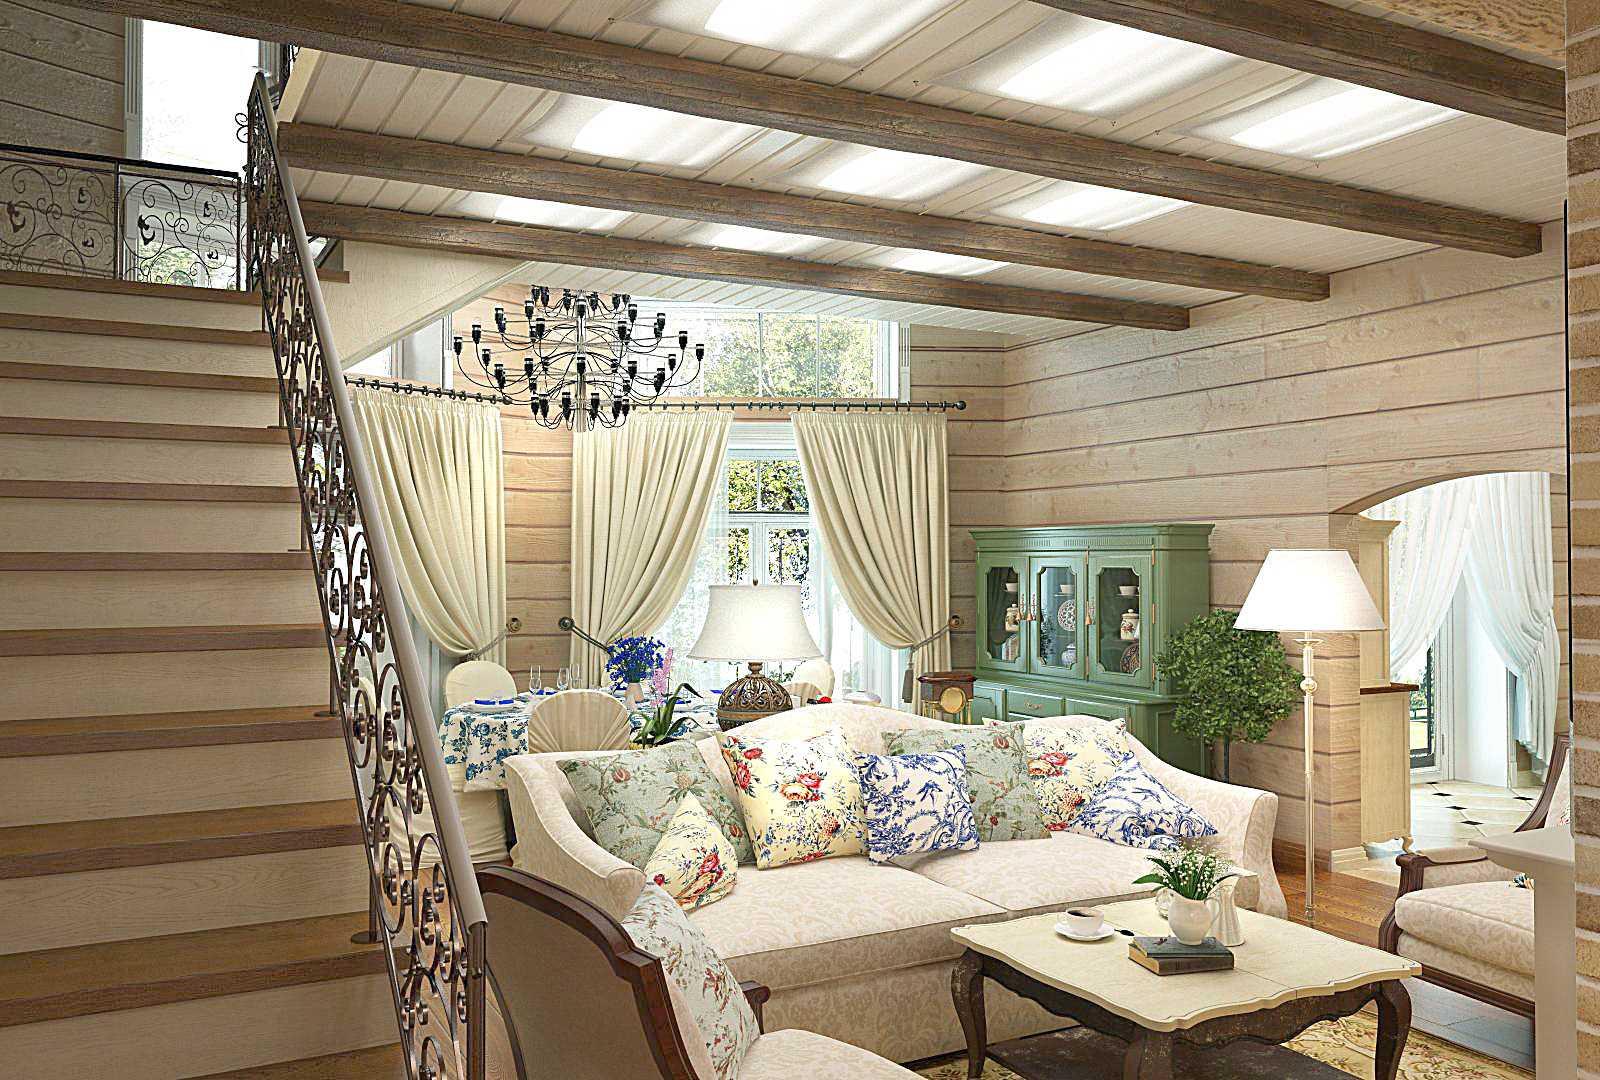 михаил идеи для деревянного дома фото как при